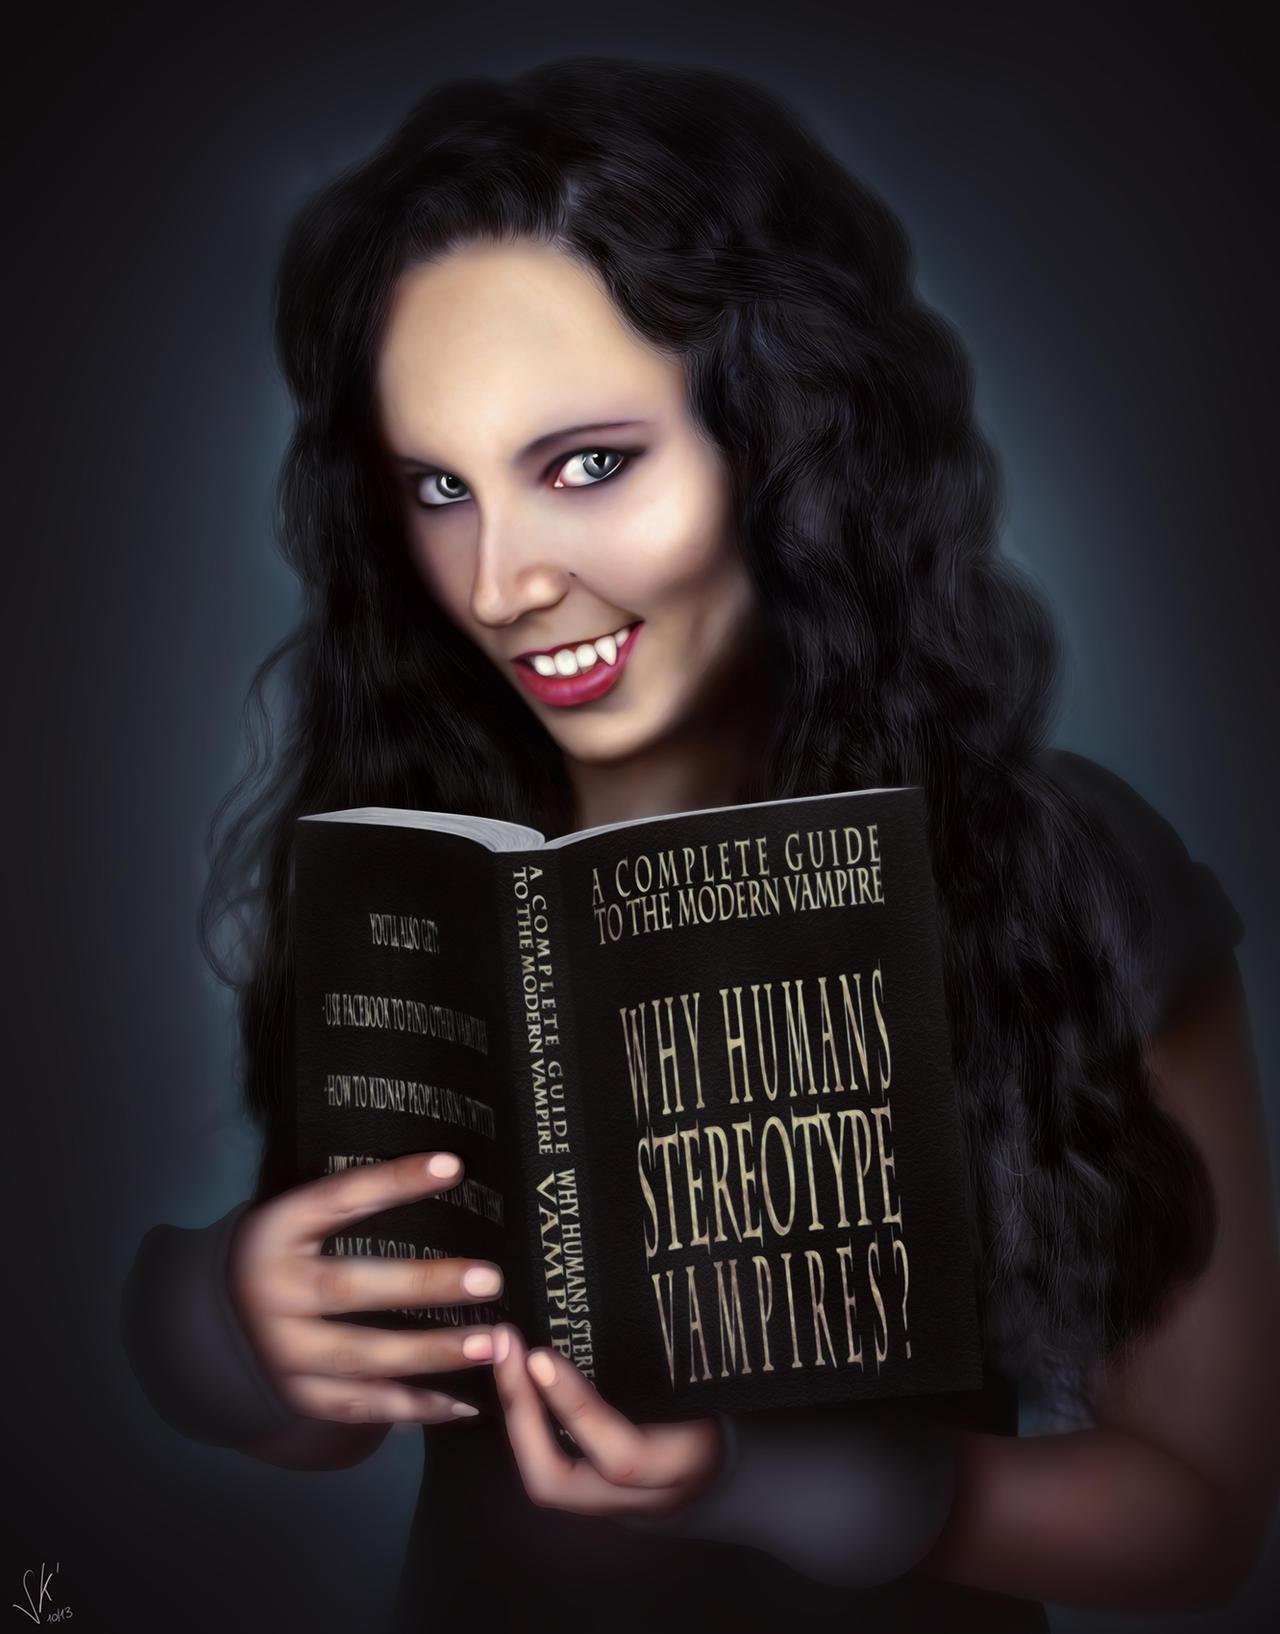 Modern vampire by jota ka on deviantart for Ka chengardinen modern ka chen